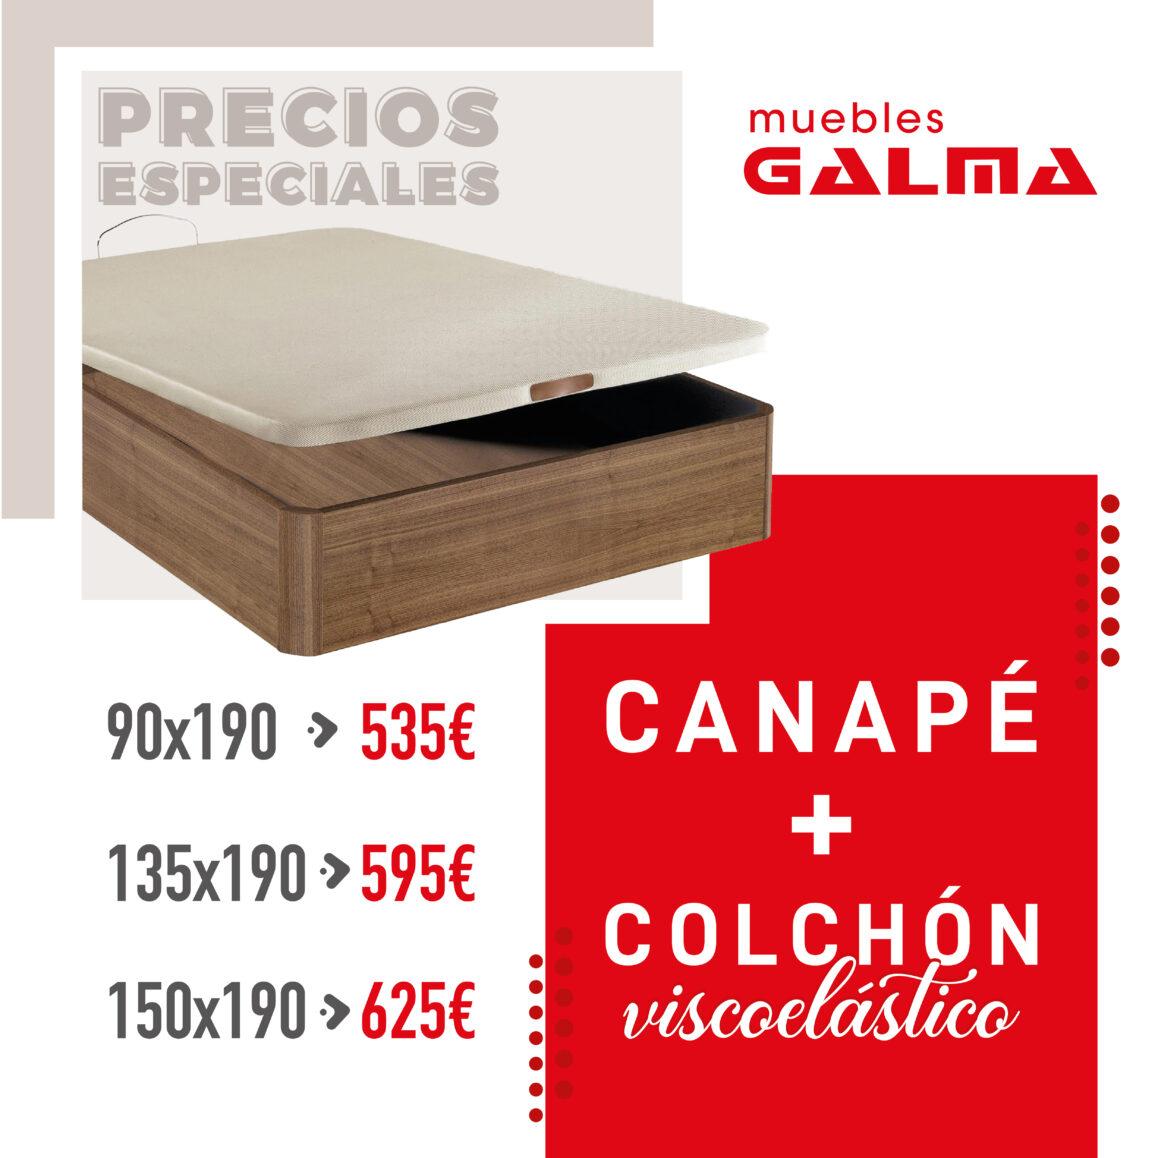 Oferta Canapé + Colchón viscoelástico